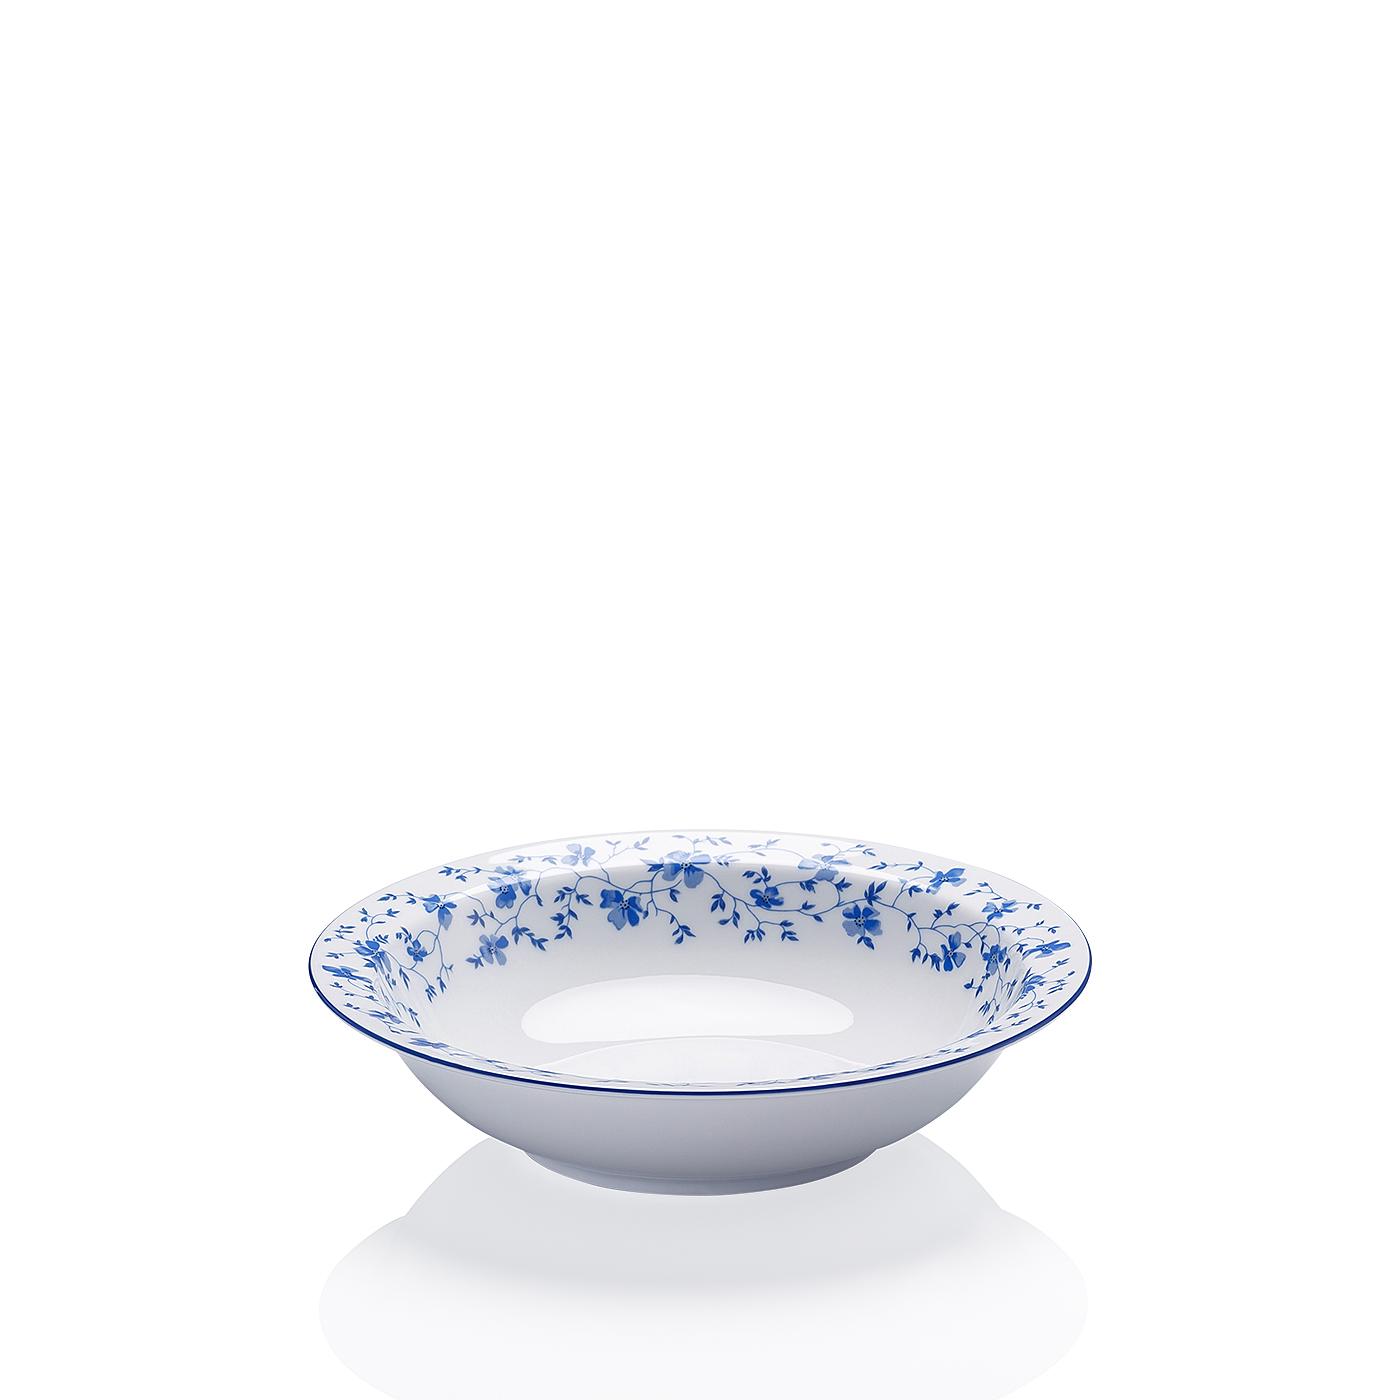 Schüssel 21 cm Form 1382 Blaublüten Arzberg